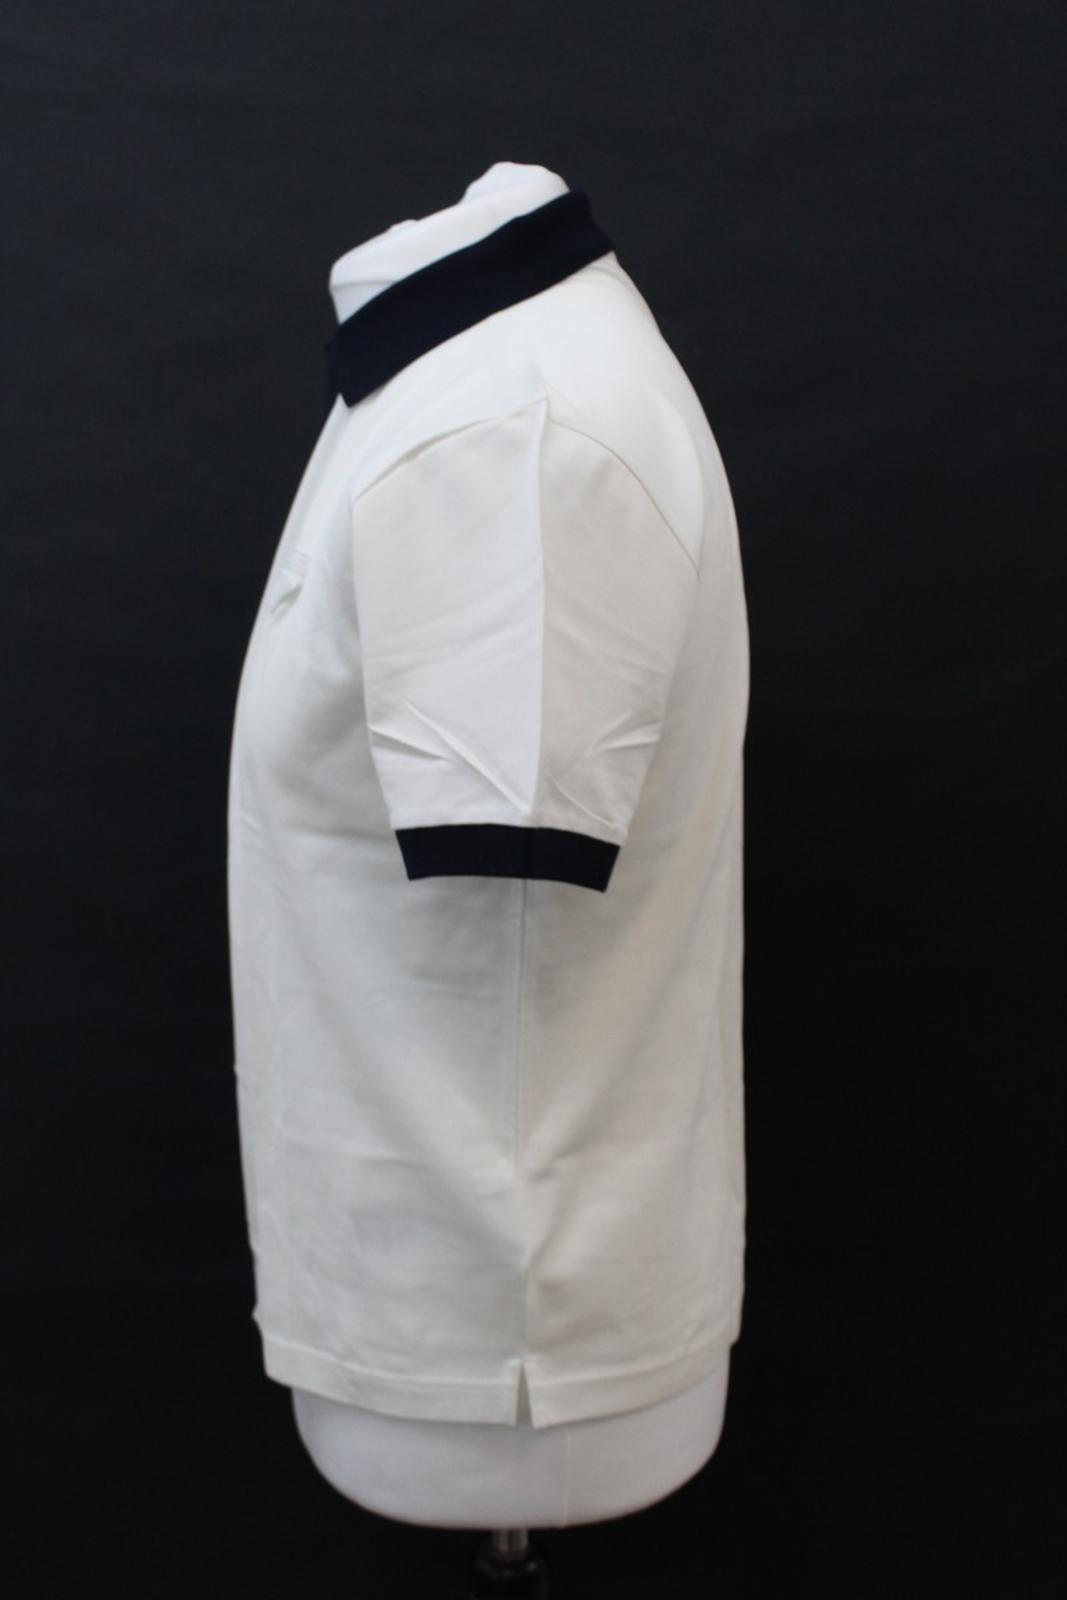 PRADA-Uomo-Avorio-Blu-Navy-Cotone-Maniche-Corte-Con-Colletto-Collo-Polo-XL miniatura 6